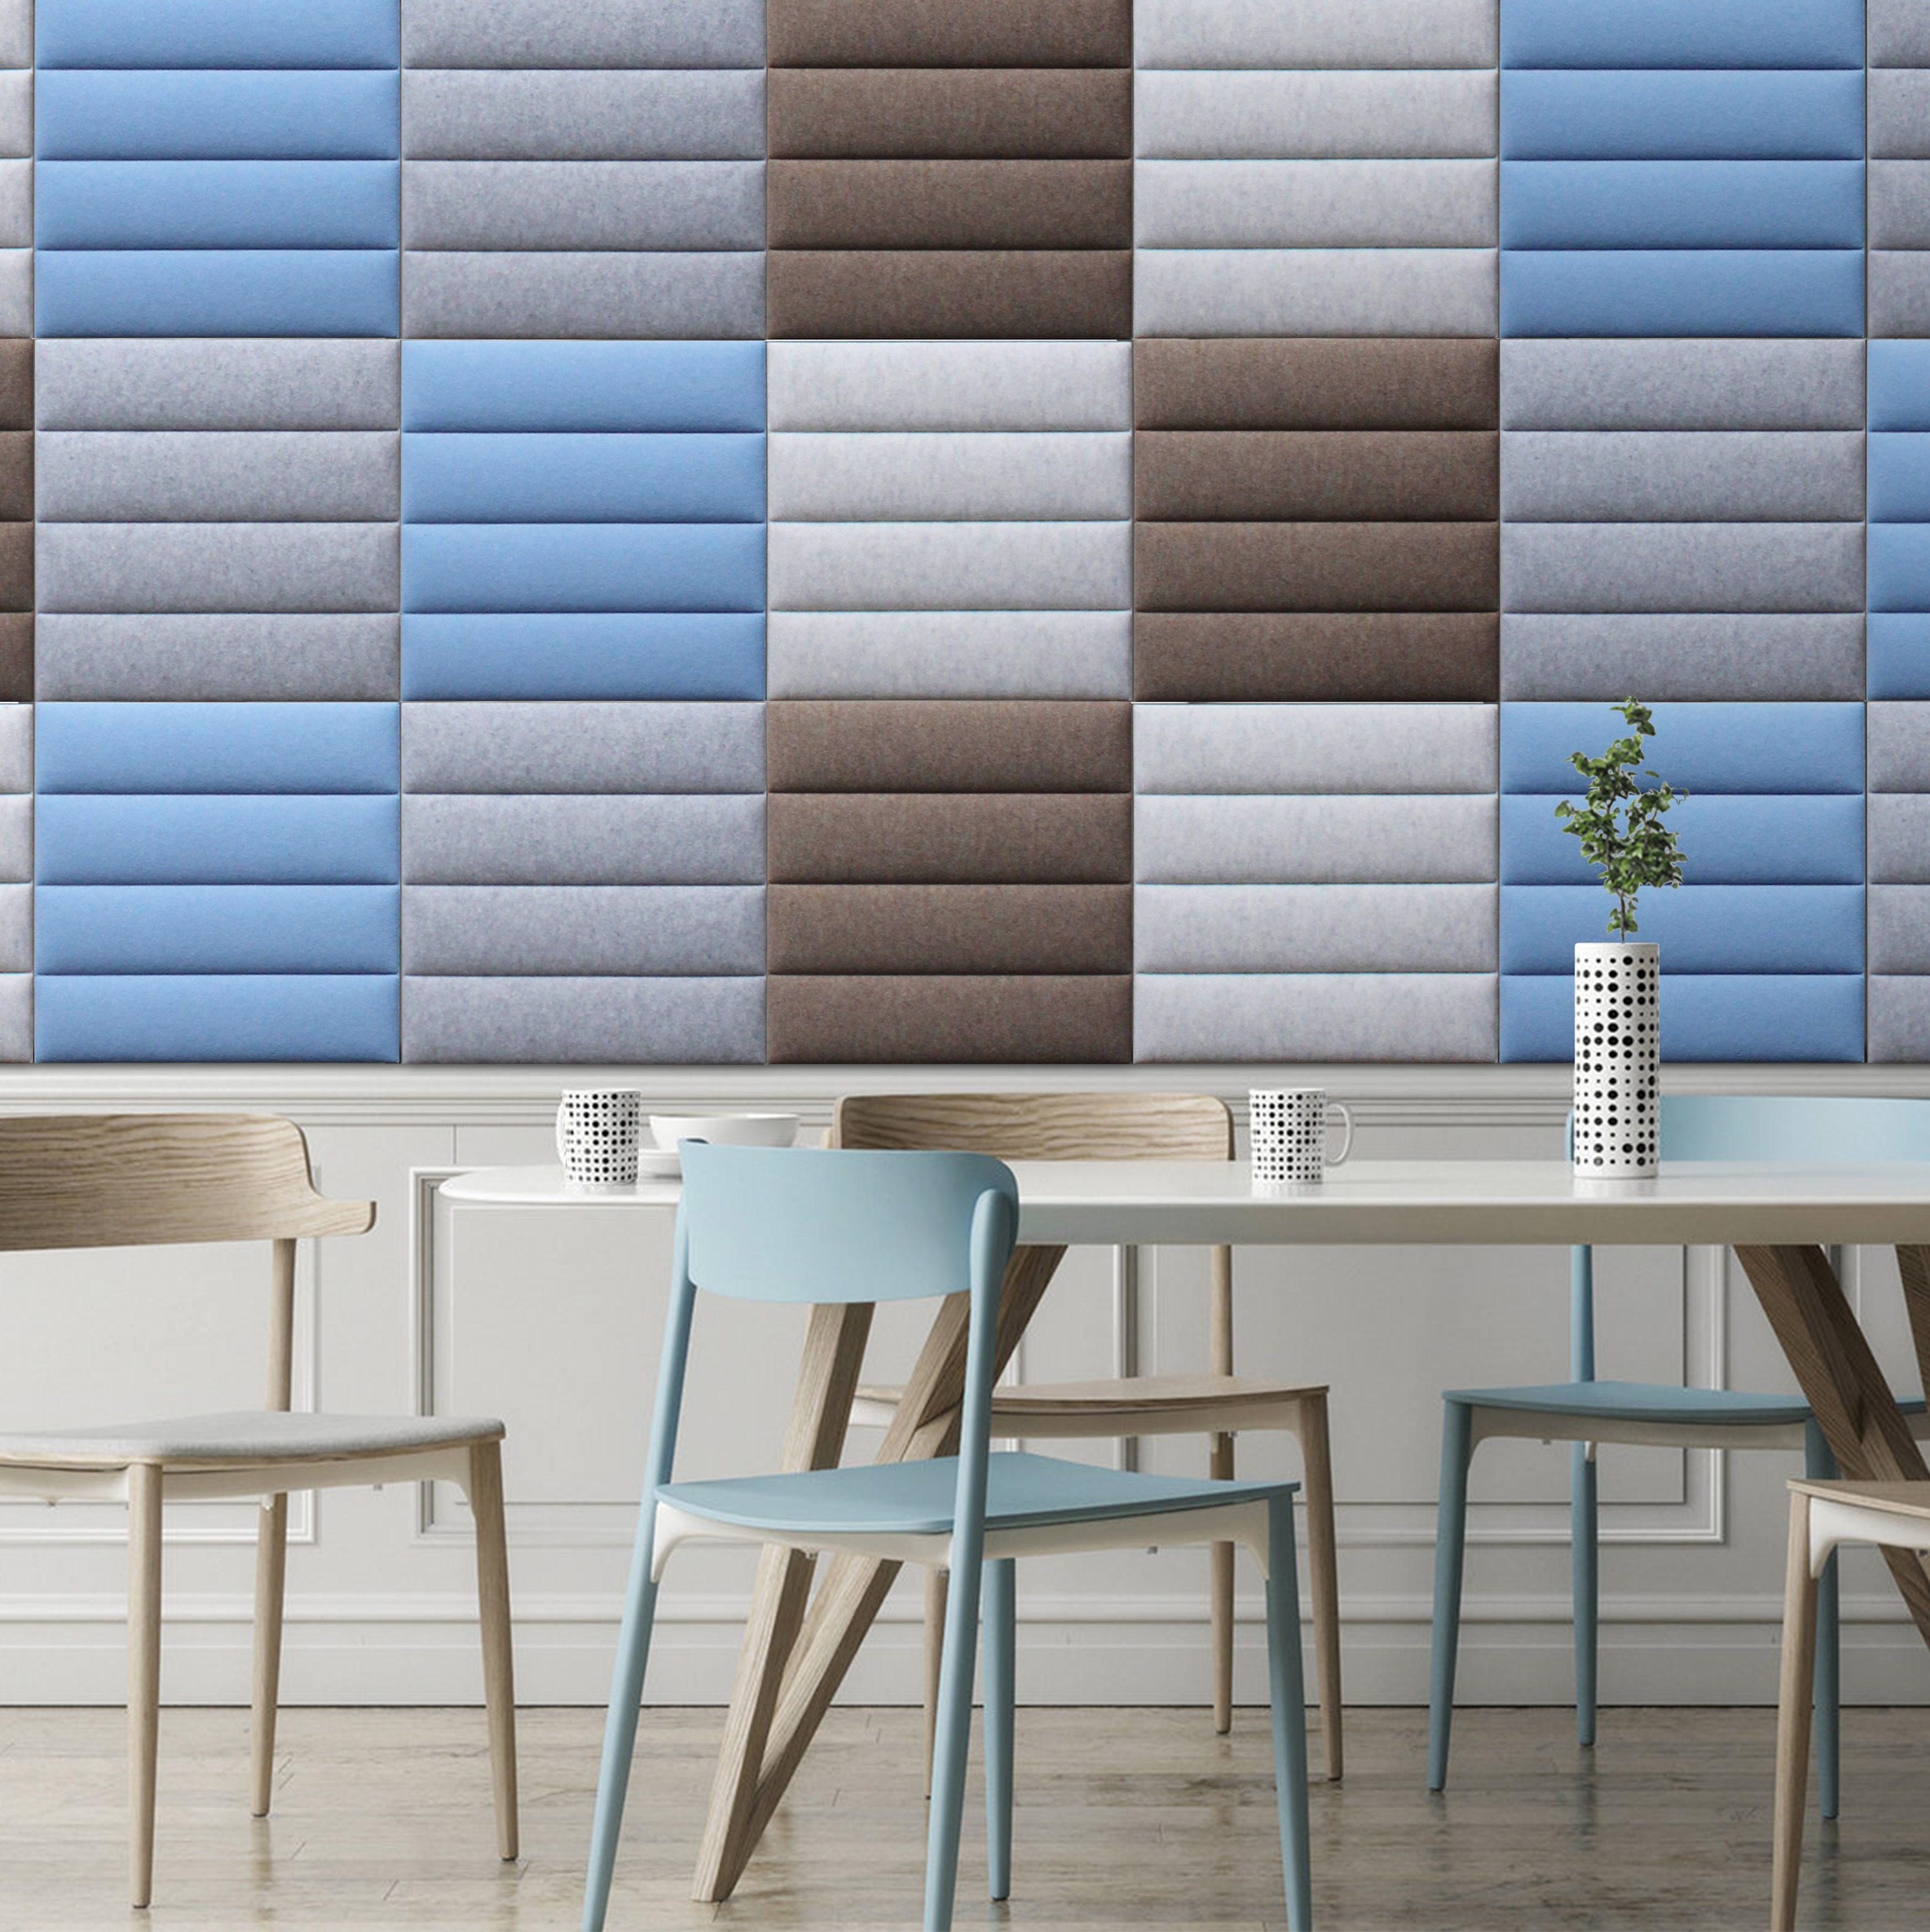 ecowall aan de muur in blauw grijs en witte vlakken